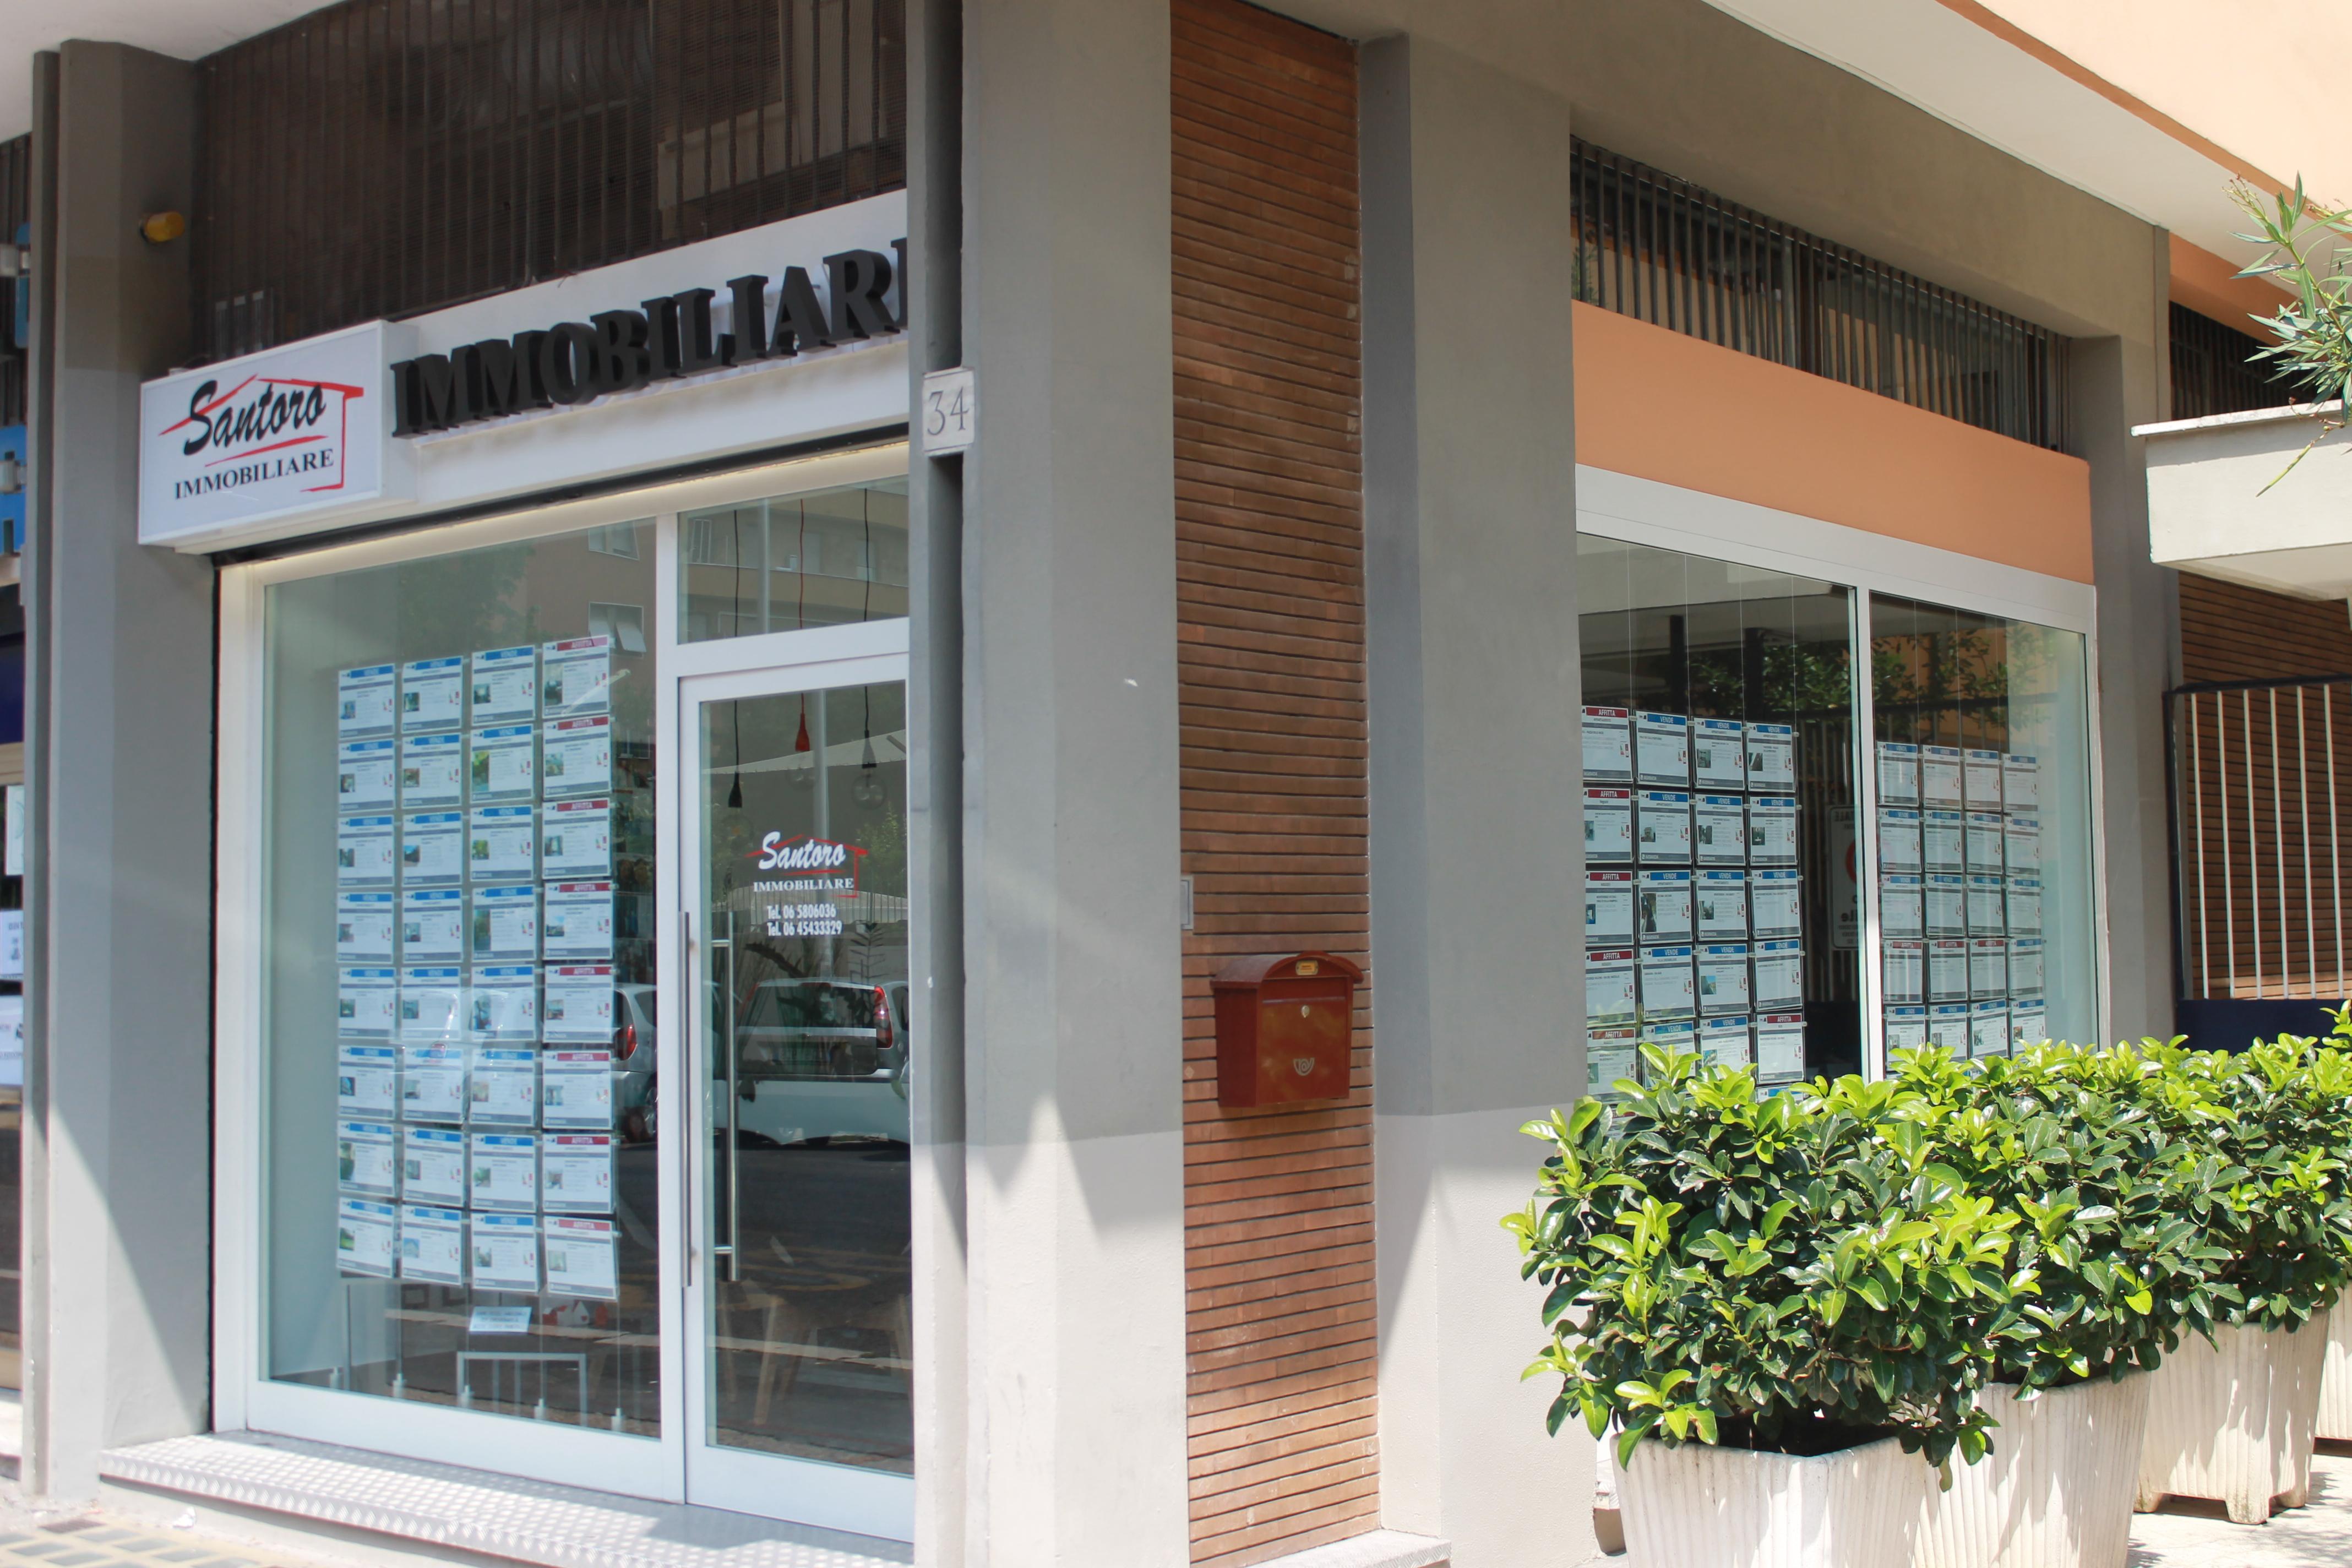 agenzia immobiliare roma santoro